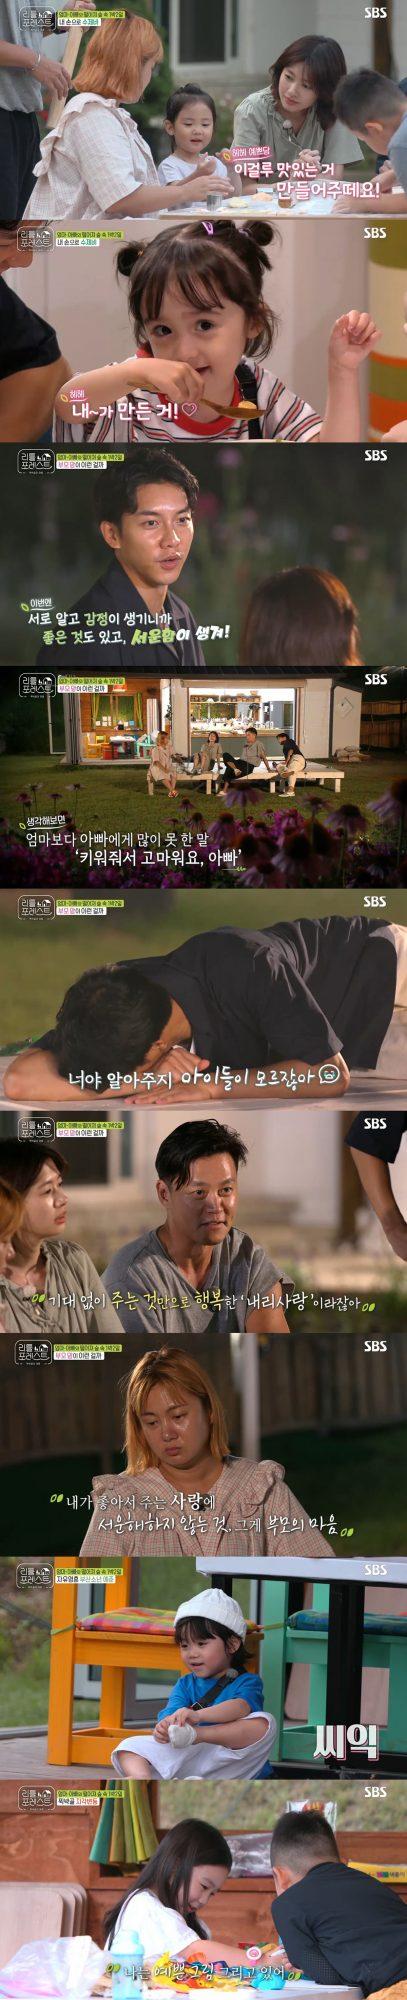 '리틀 포레스트' 방송 화면. /사진제공=SBS